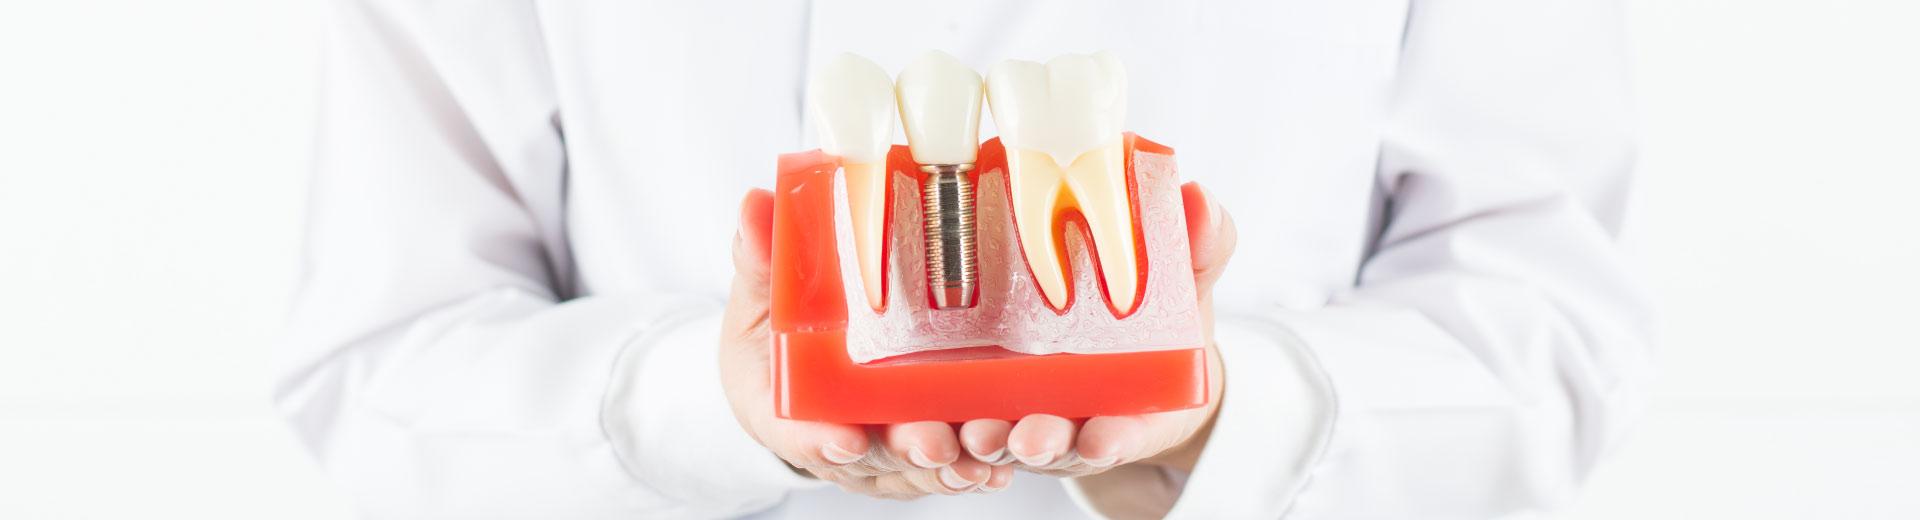 Implant loại nào tốt nhất được nhiều người lựa chọn?